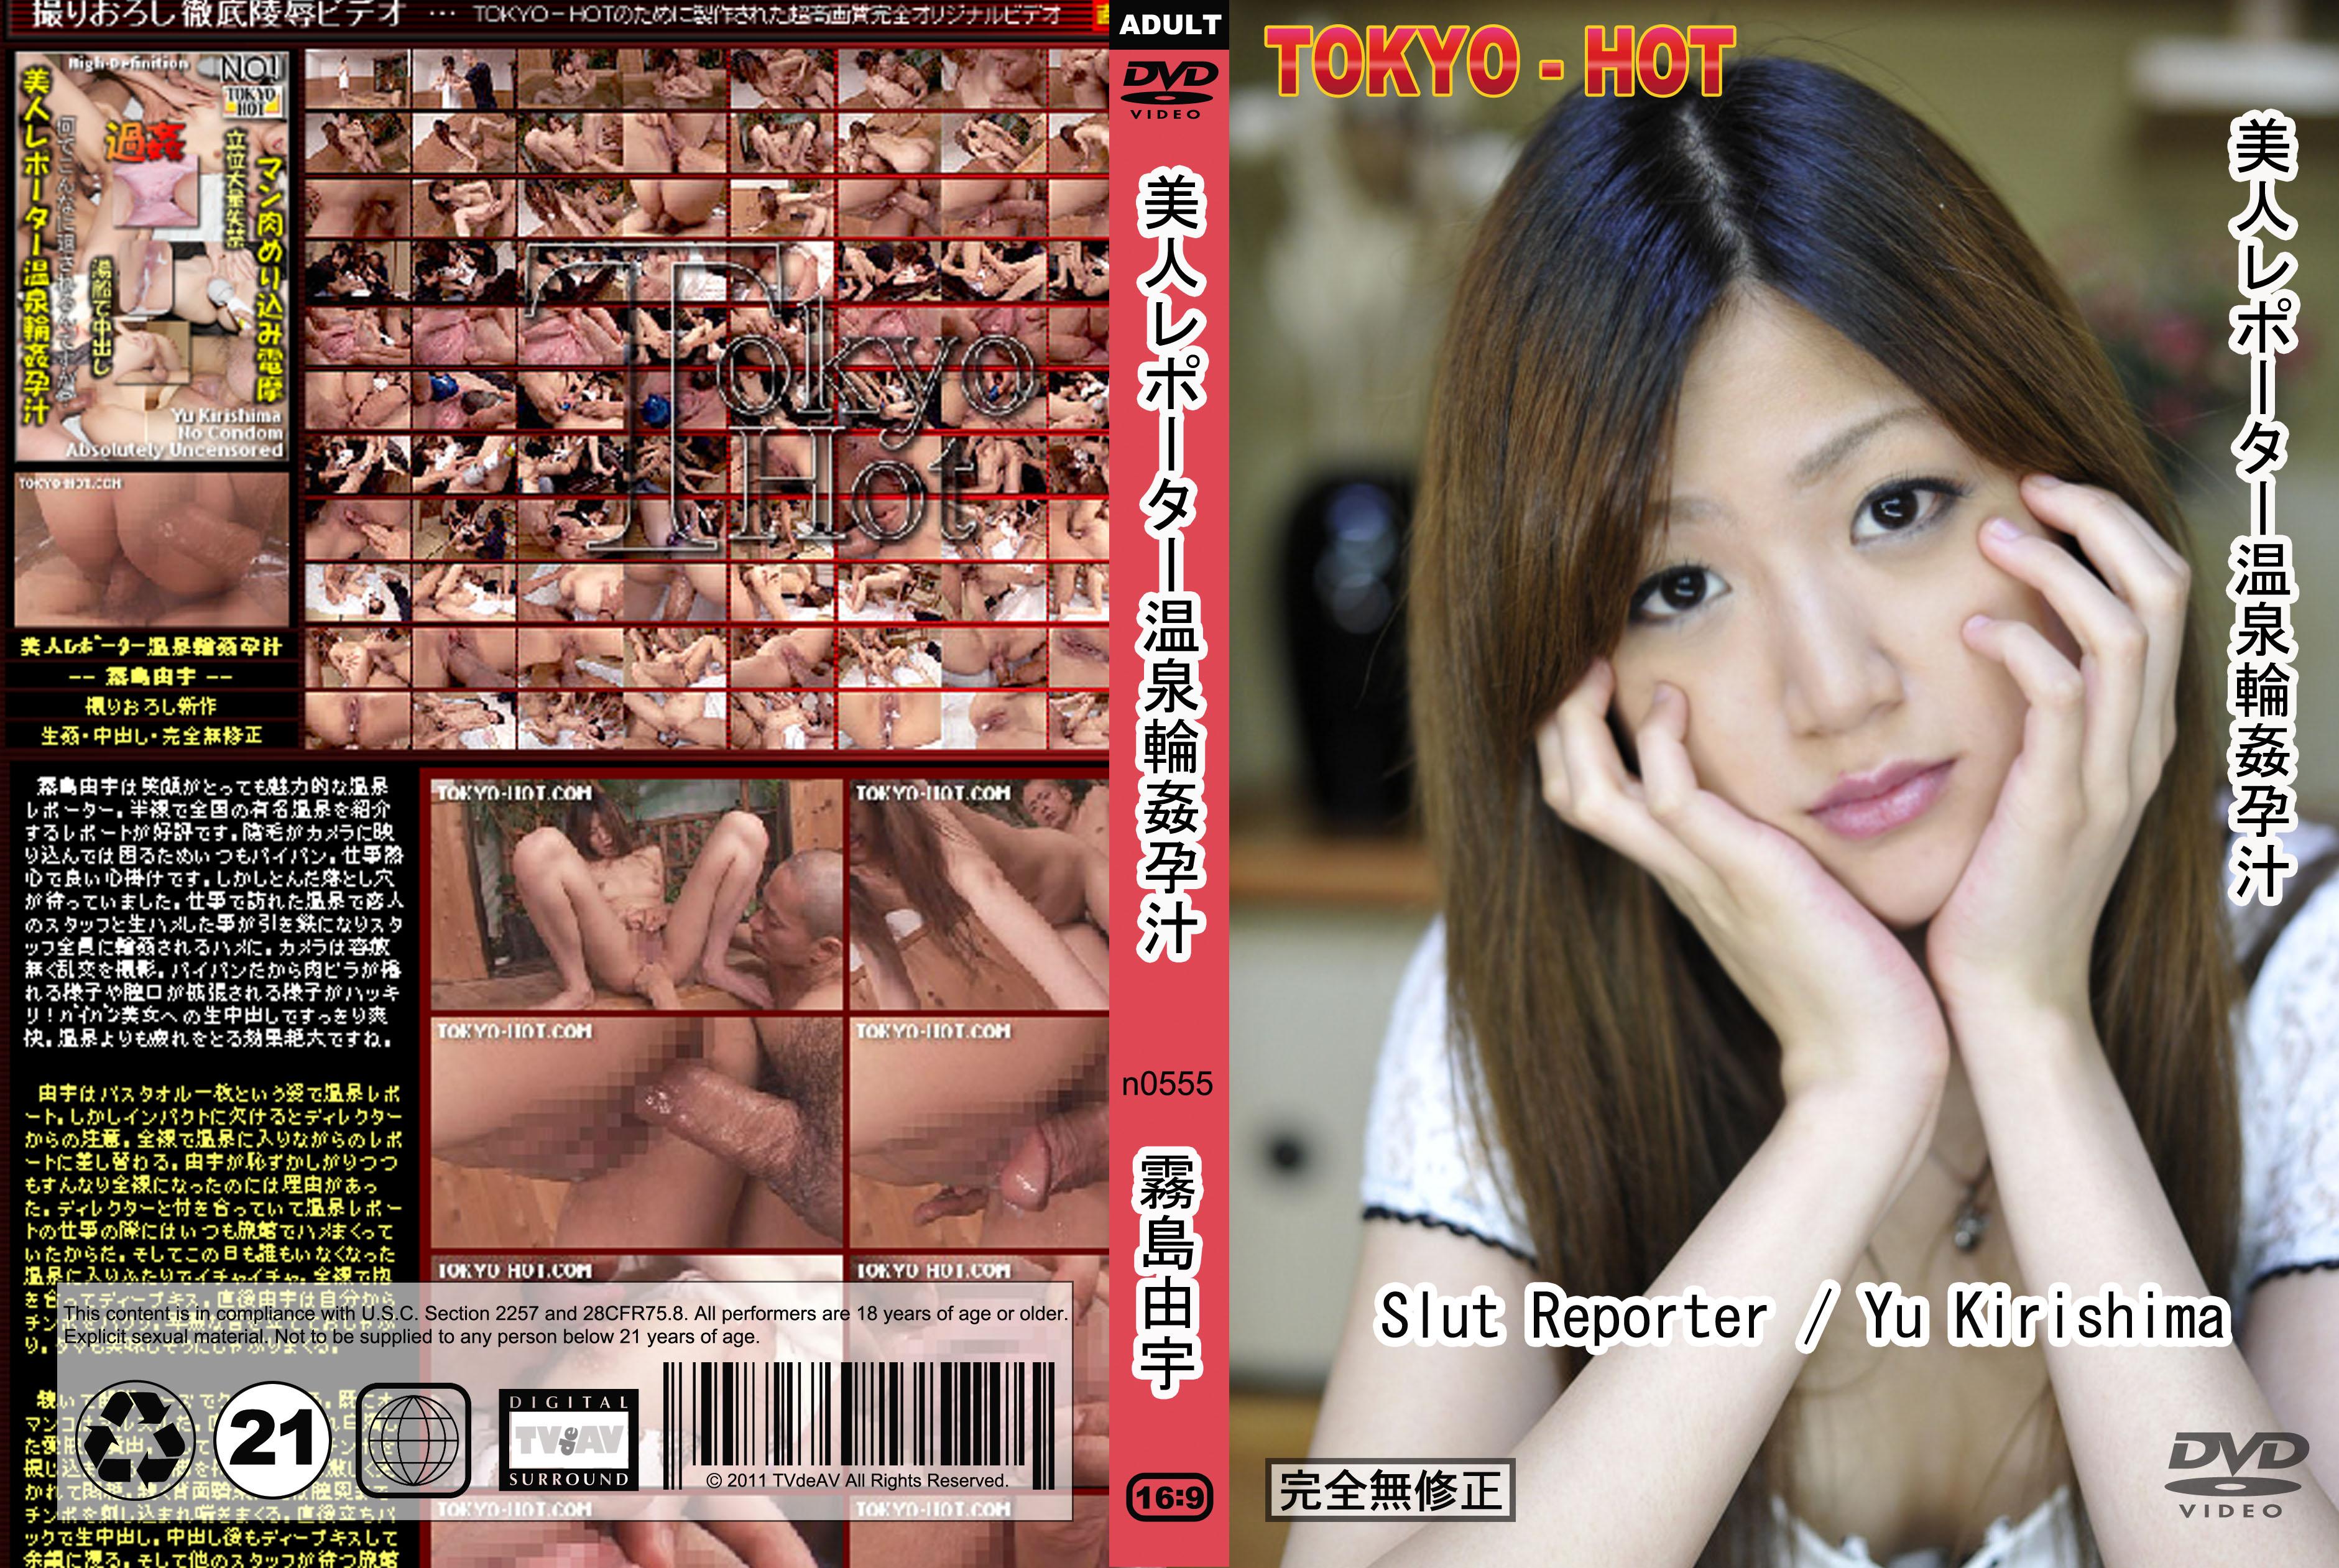 經典收集 東京熱 Tokyo Hot (11-06補完至n1195)